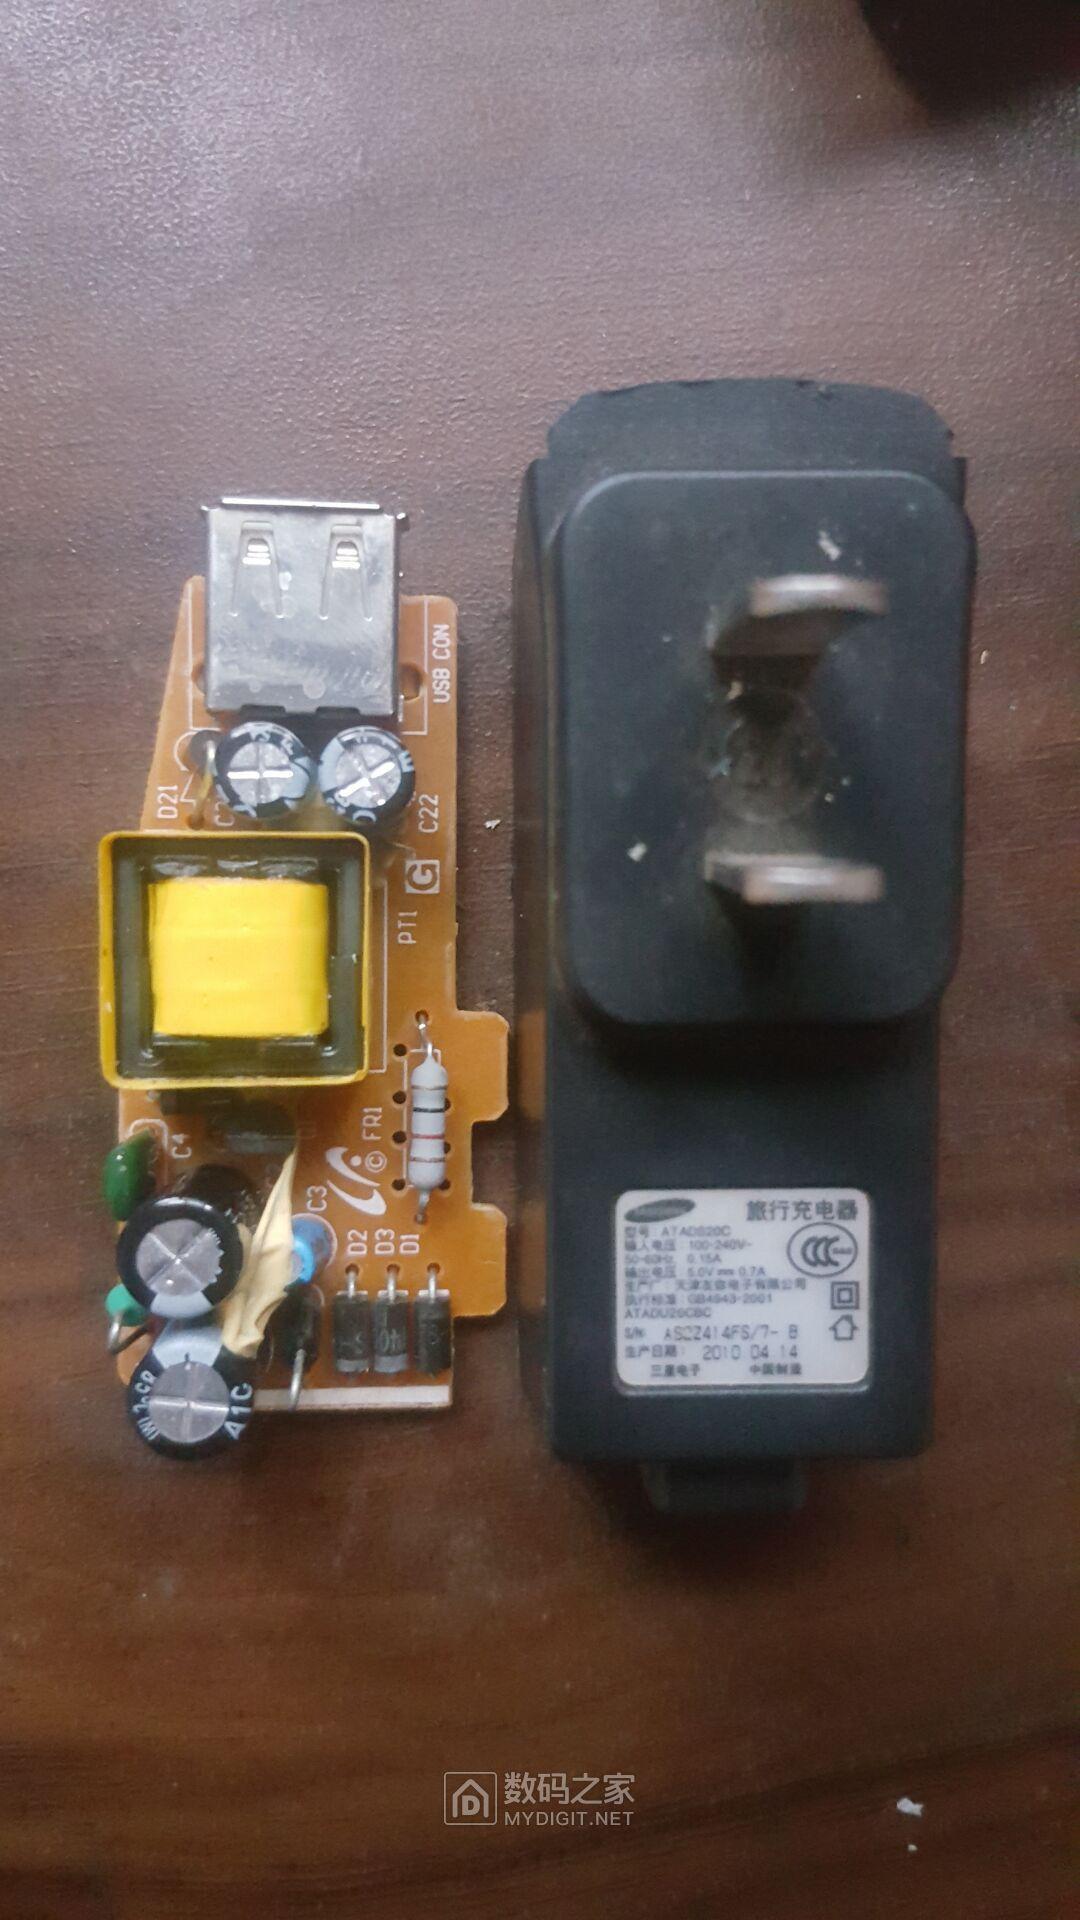 发个三星5V充电器拆机图,求改成3.7V输出的方法 单独给18650电池充电